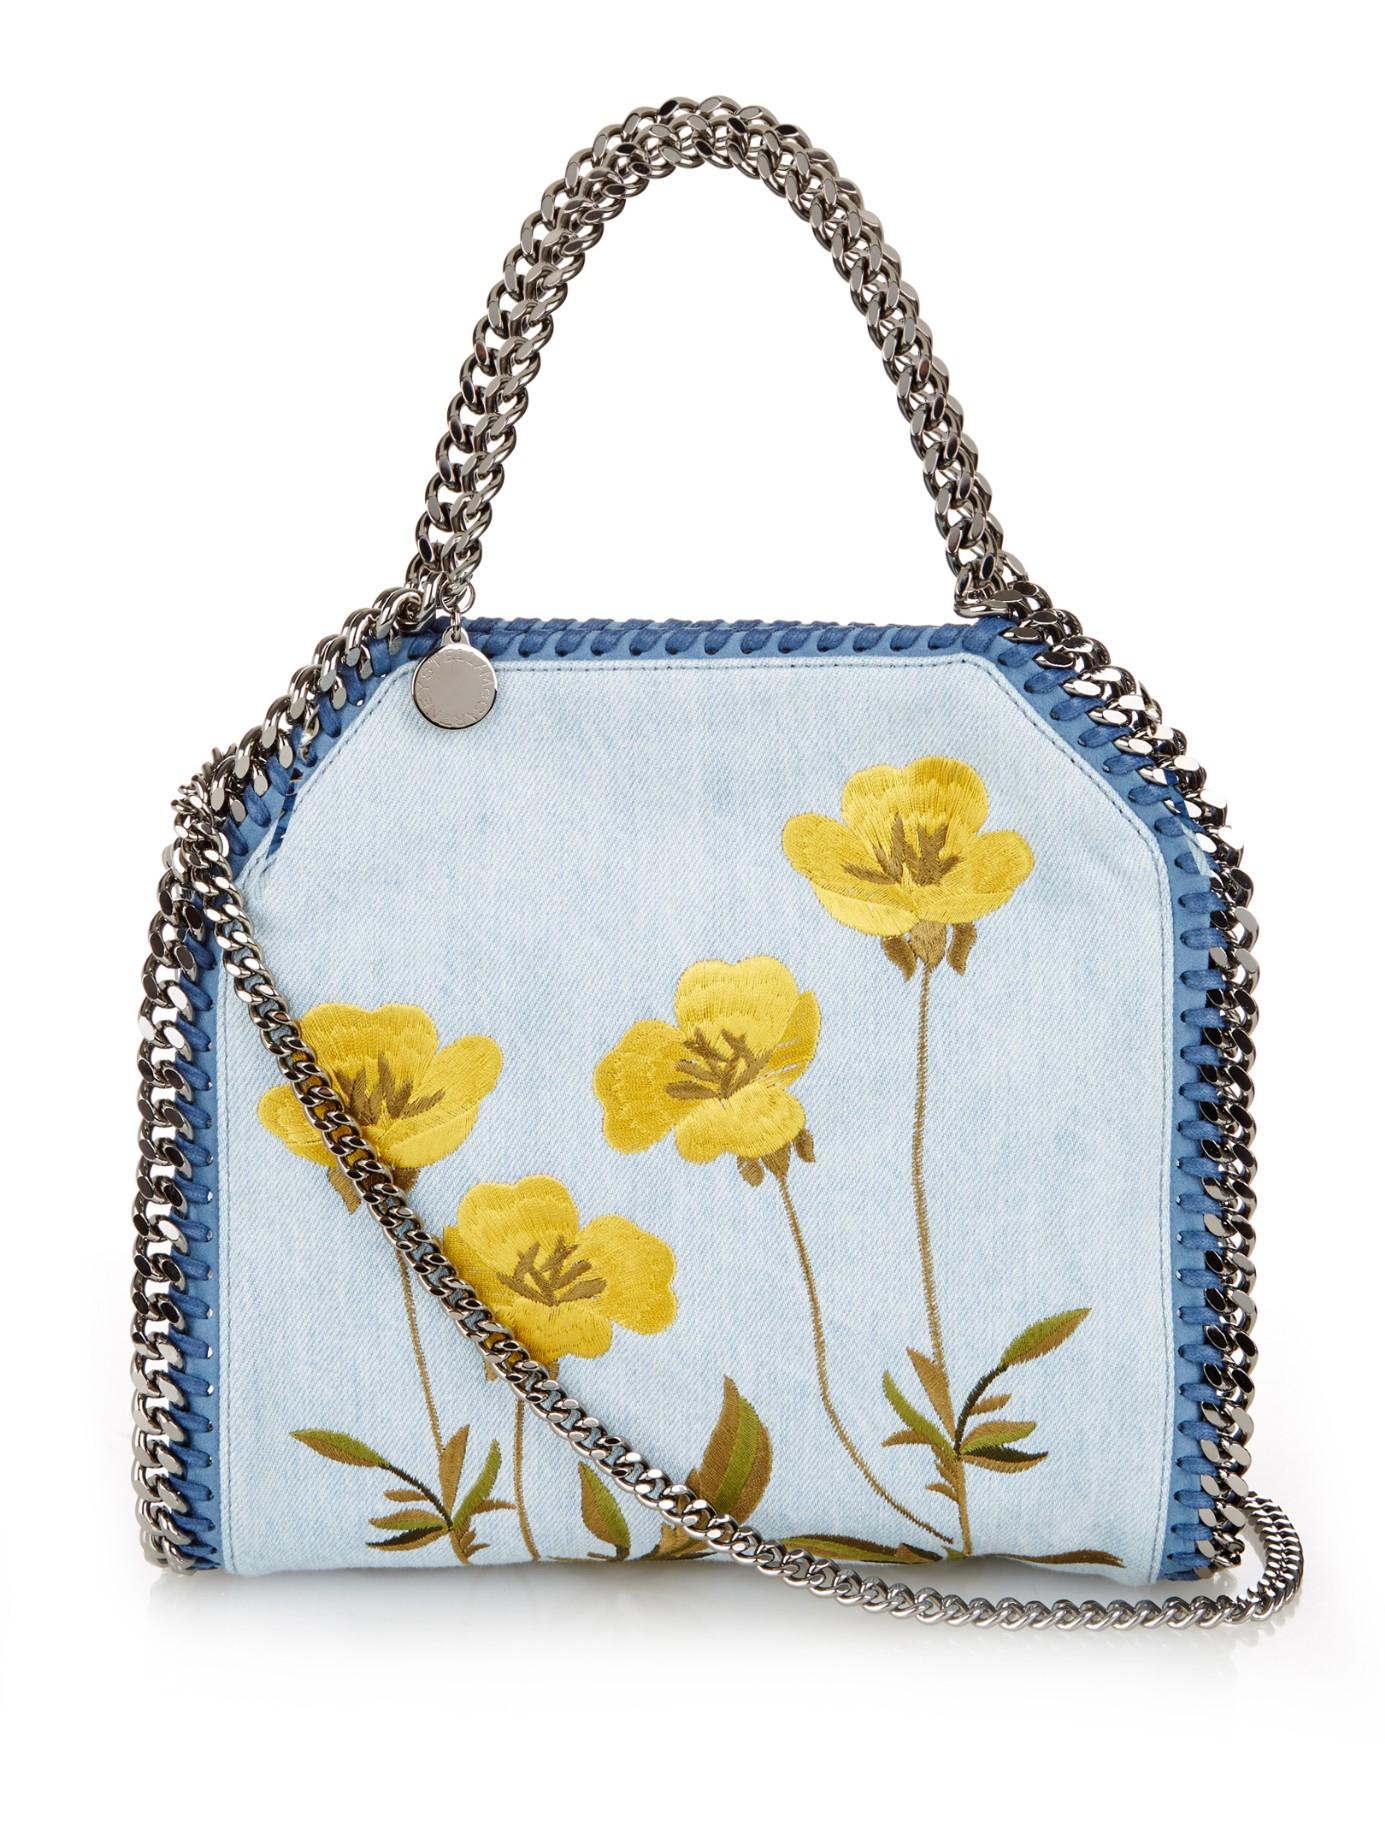 3a8955511d Stella McCartney Falabella Mini Bella Denim Cross-body Bag in Blue ...